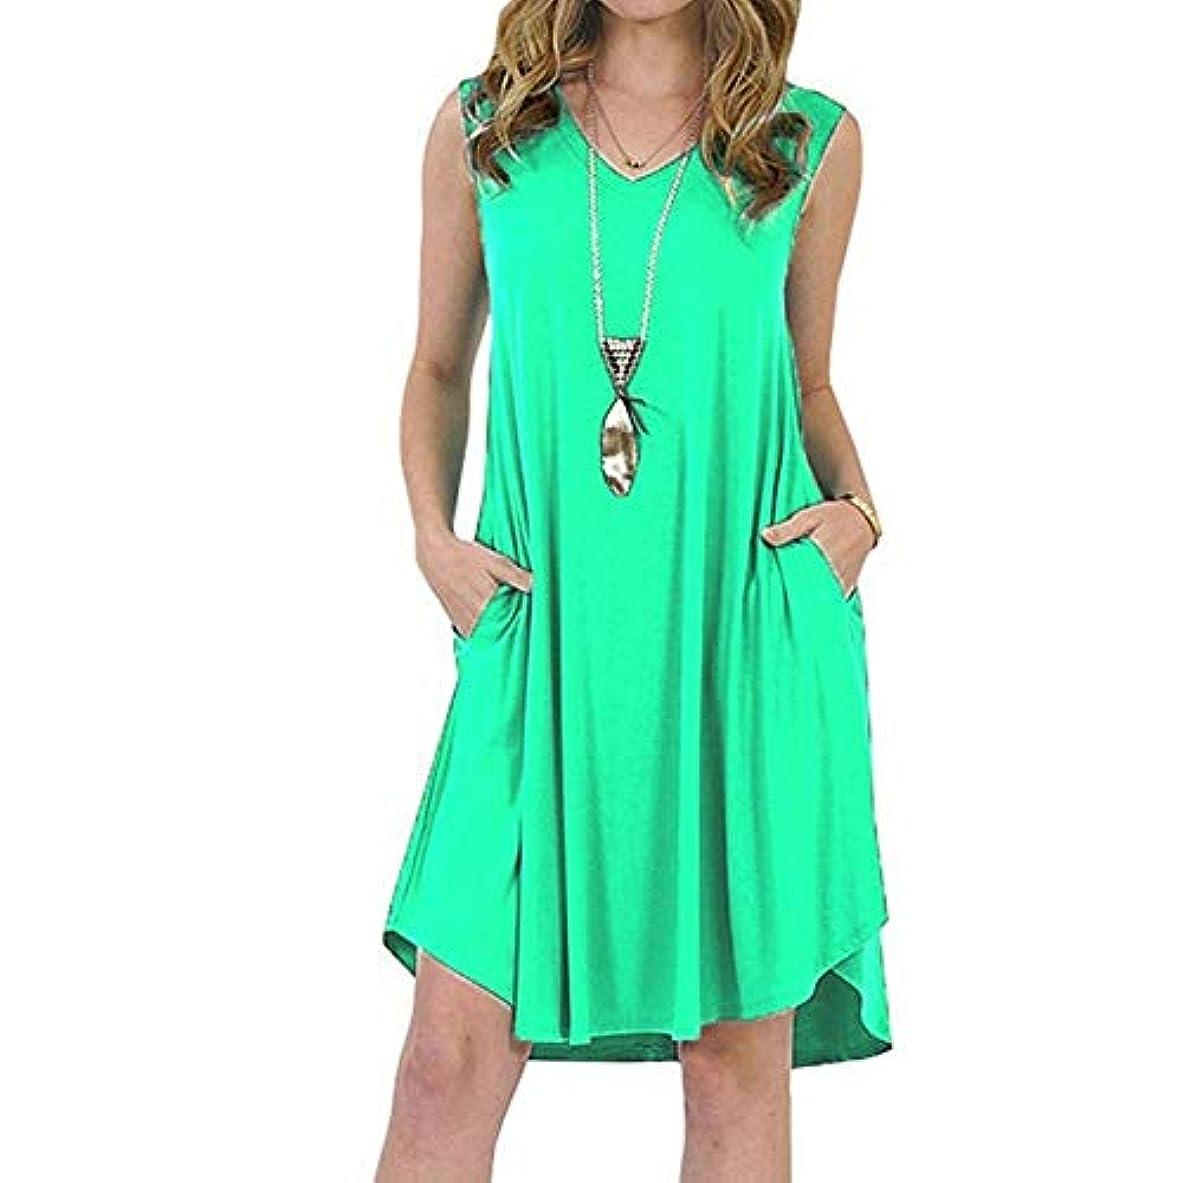 テーマ発症ブレーキMIFAN の女性のドレスカジュアルな不規則なドレスルースサマービーチTシャツドレス